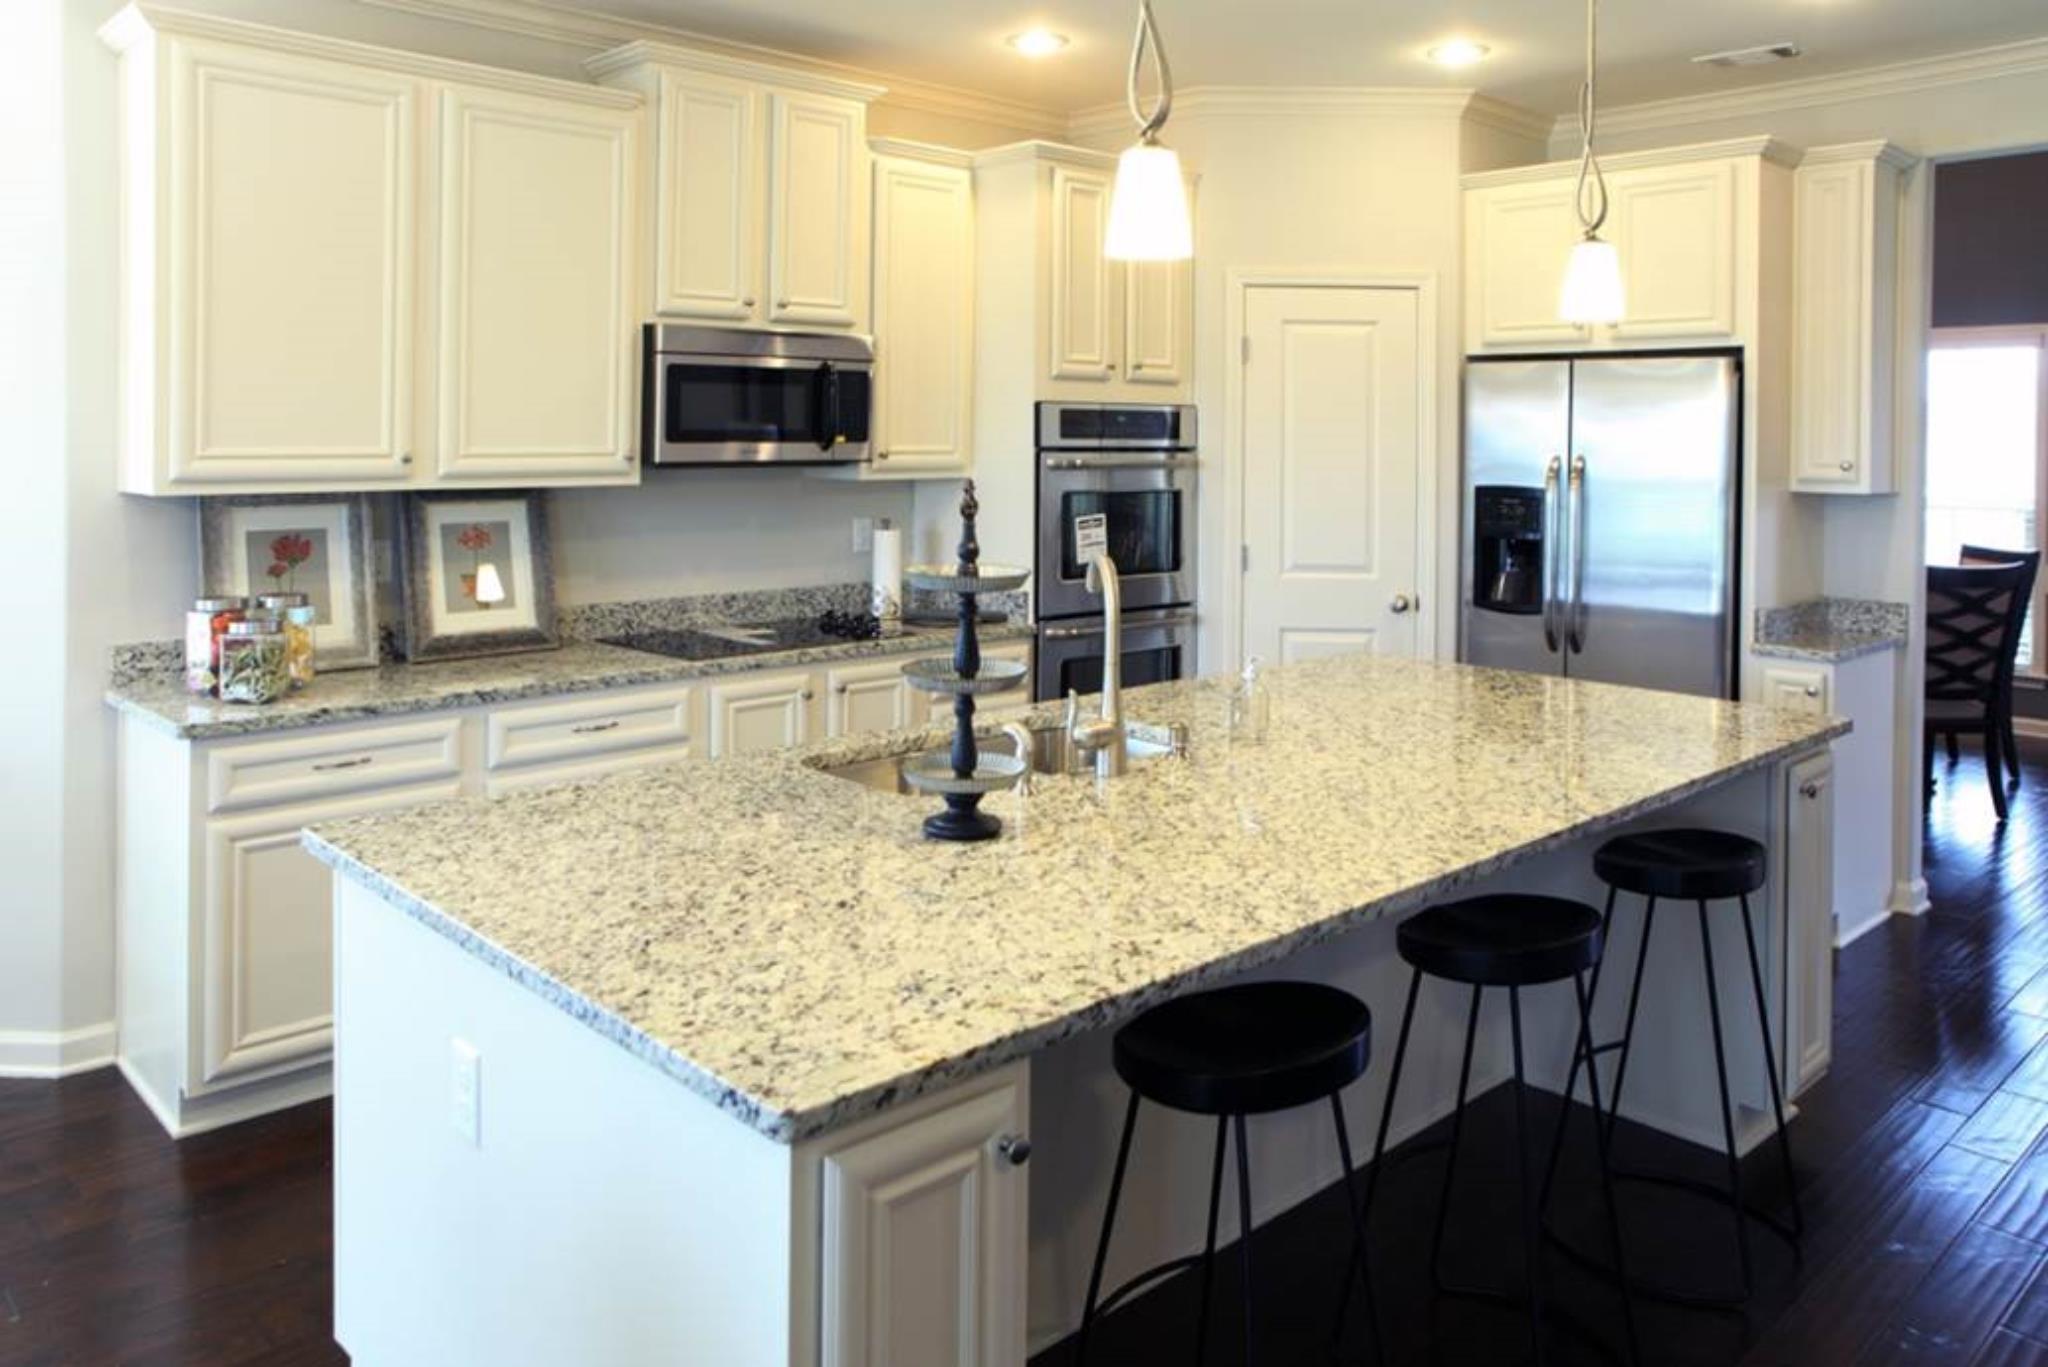 chesapeake kitchen design. Chesapeake Kitchen Design E